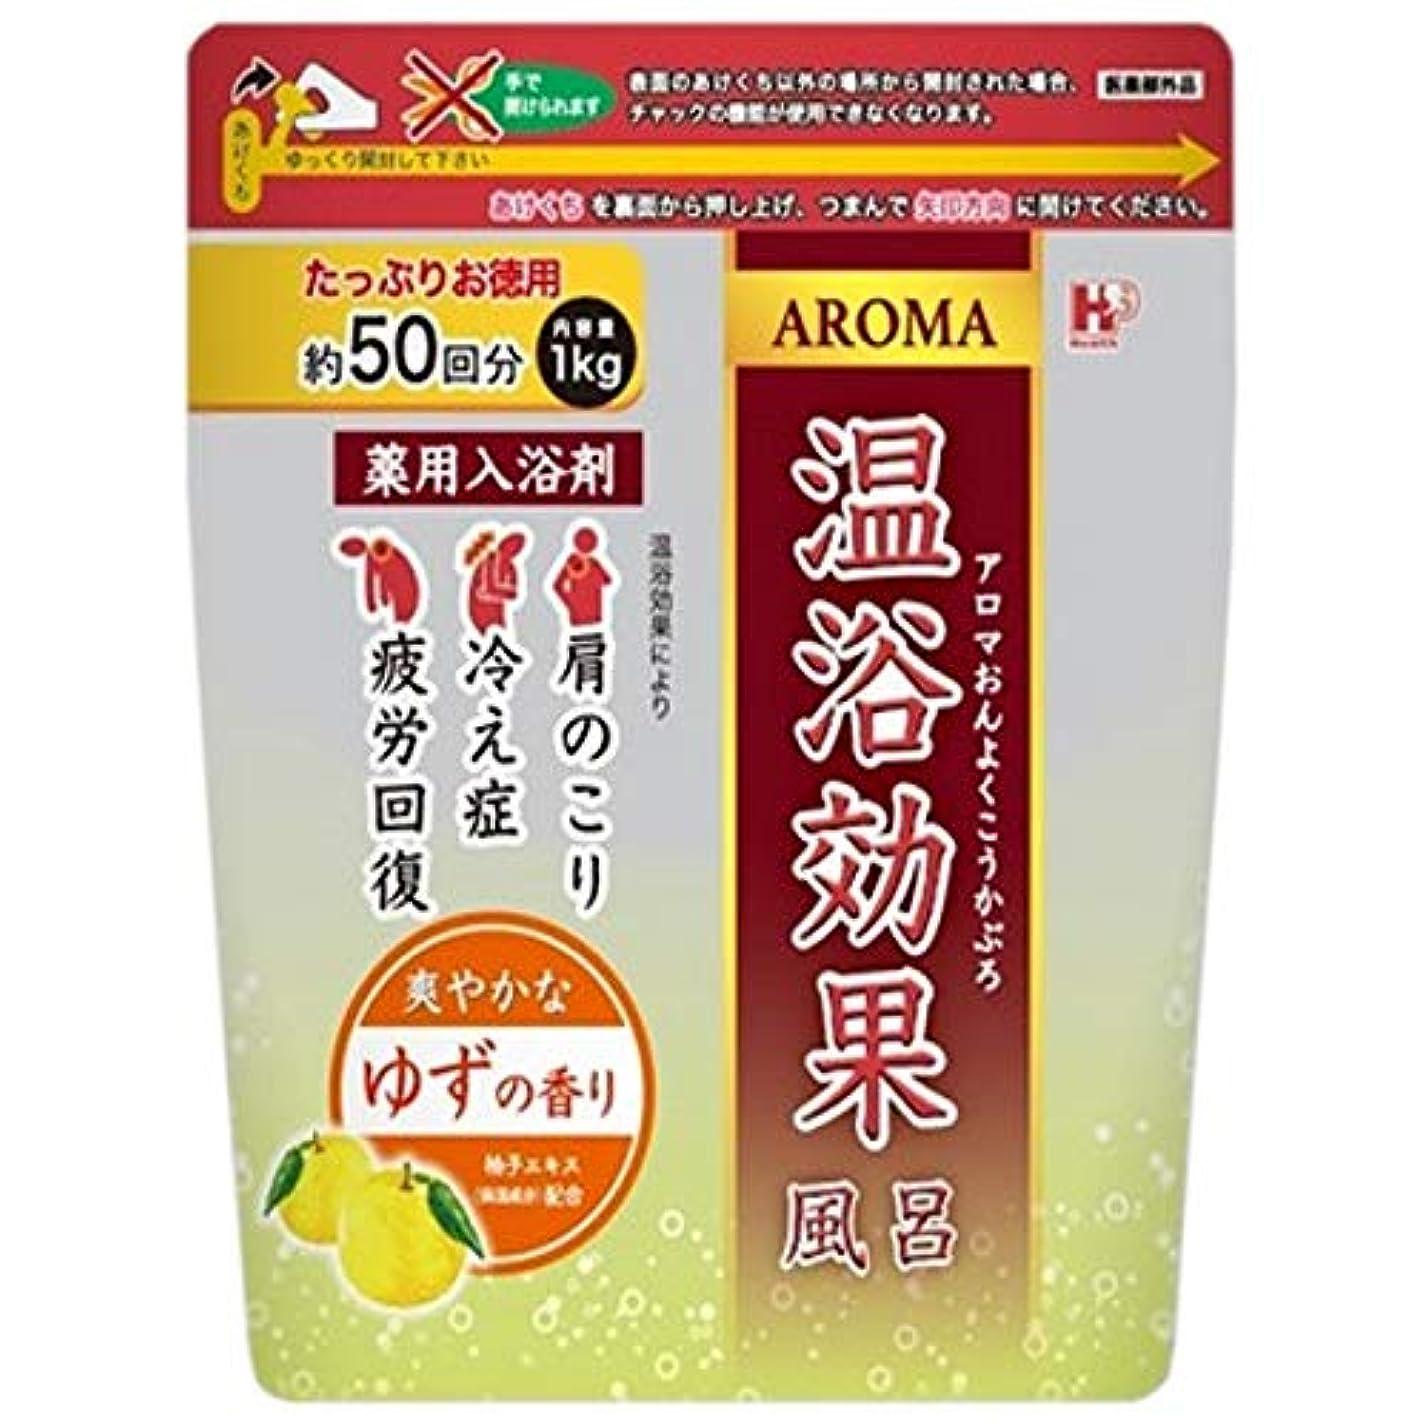 無一文対称にんじん薬用入浴剤 アロマ温浴効果風呂 ゆず 1kg×10袋入